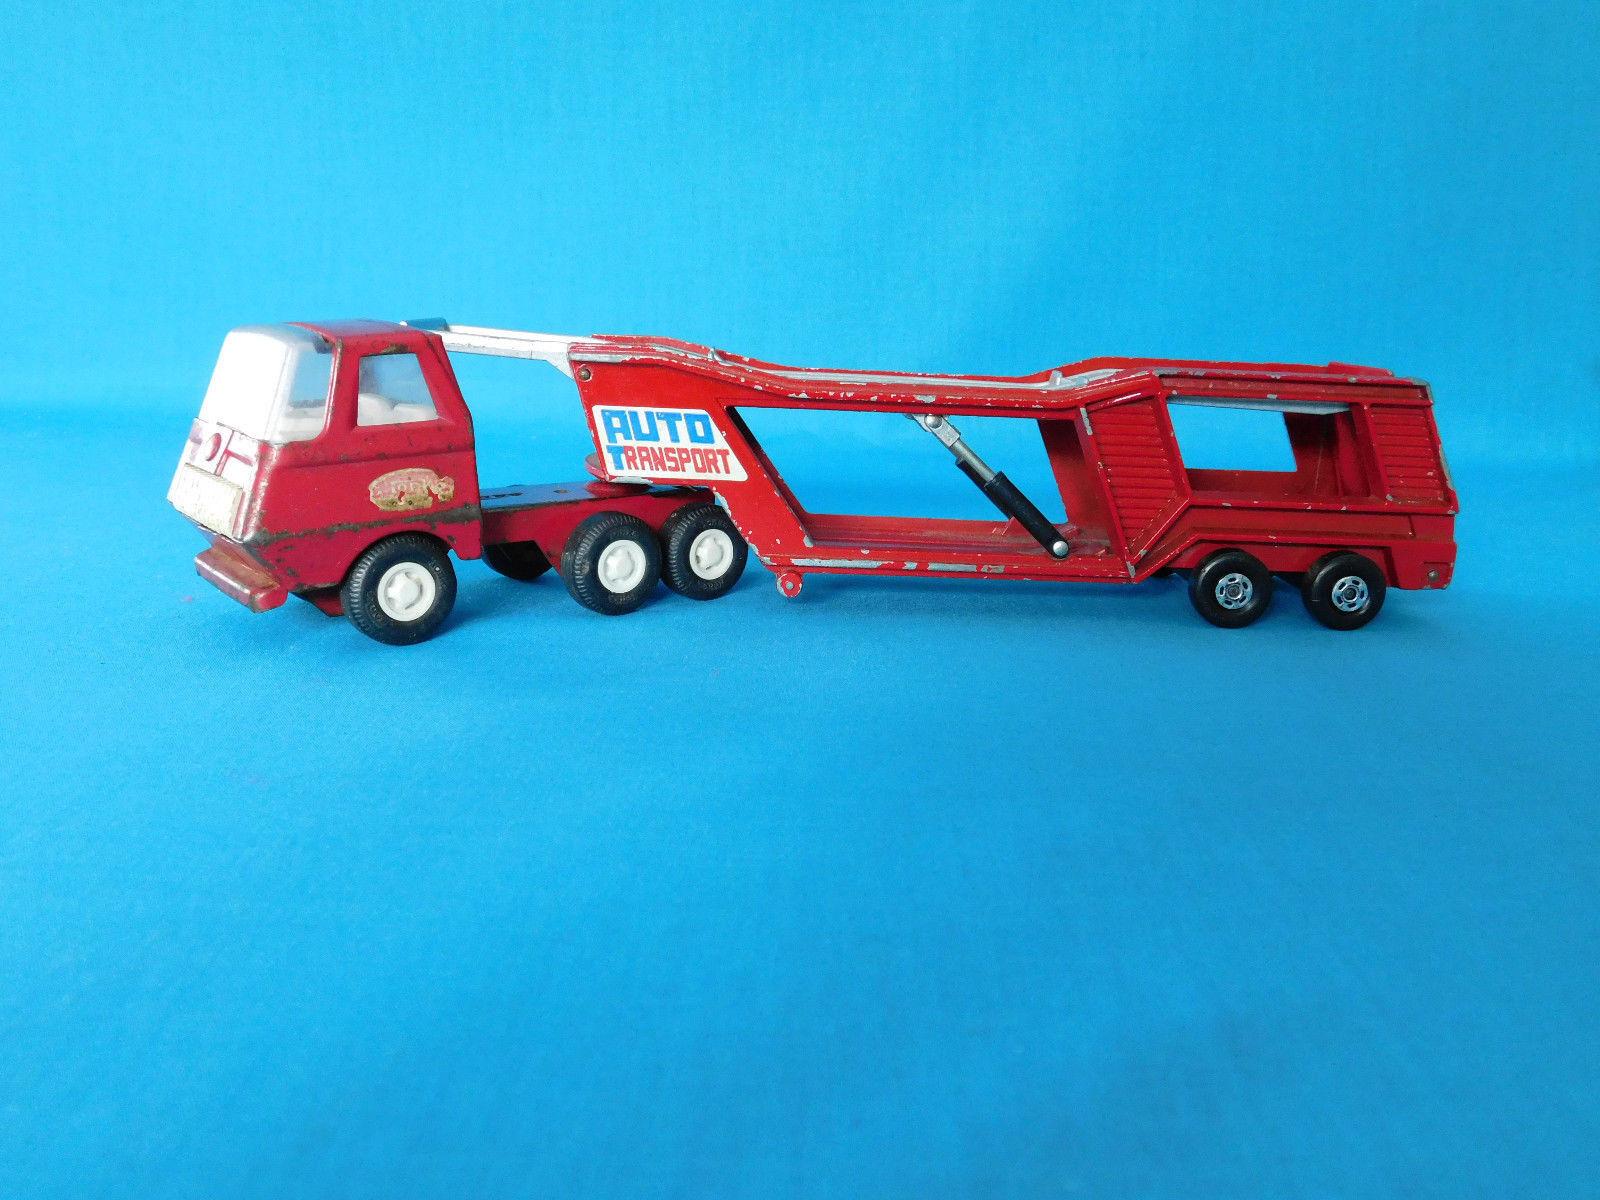 bajo precio del 40% Vintage Tonka Tonka Tonka Matchbox K-10 coche transpondedor coches camiones Hauler transporte  comprar mejor